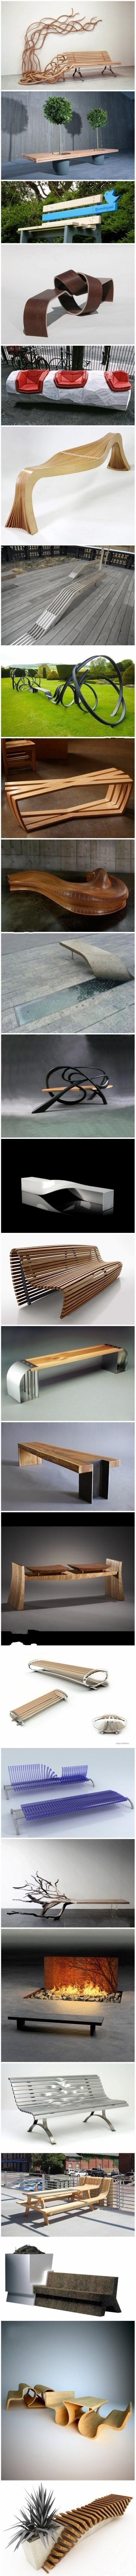 26-excellent-public-benches-design